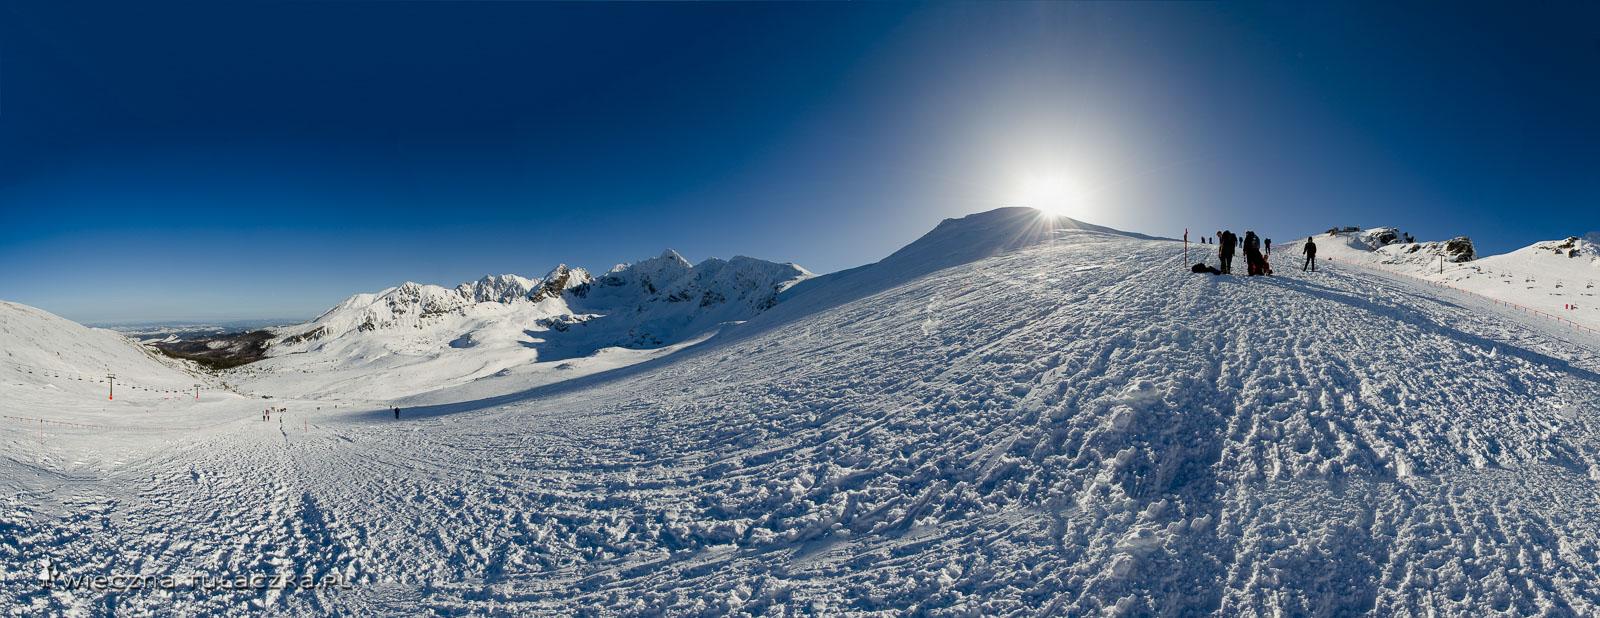 Zimowy szlak na Kasprowy Wierch przez Suchą Przełęcz